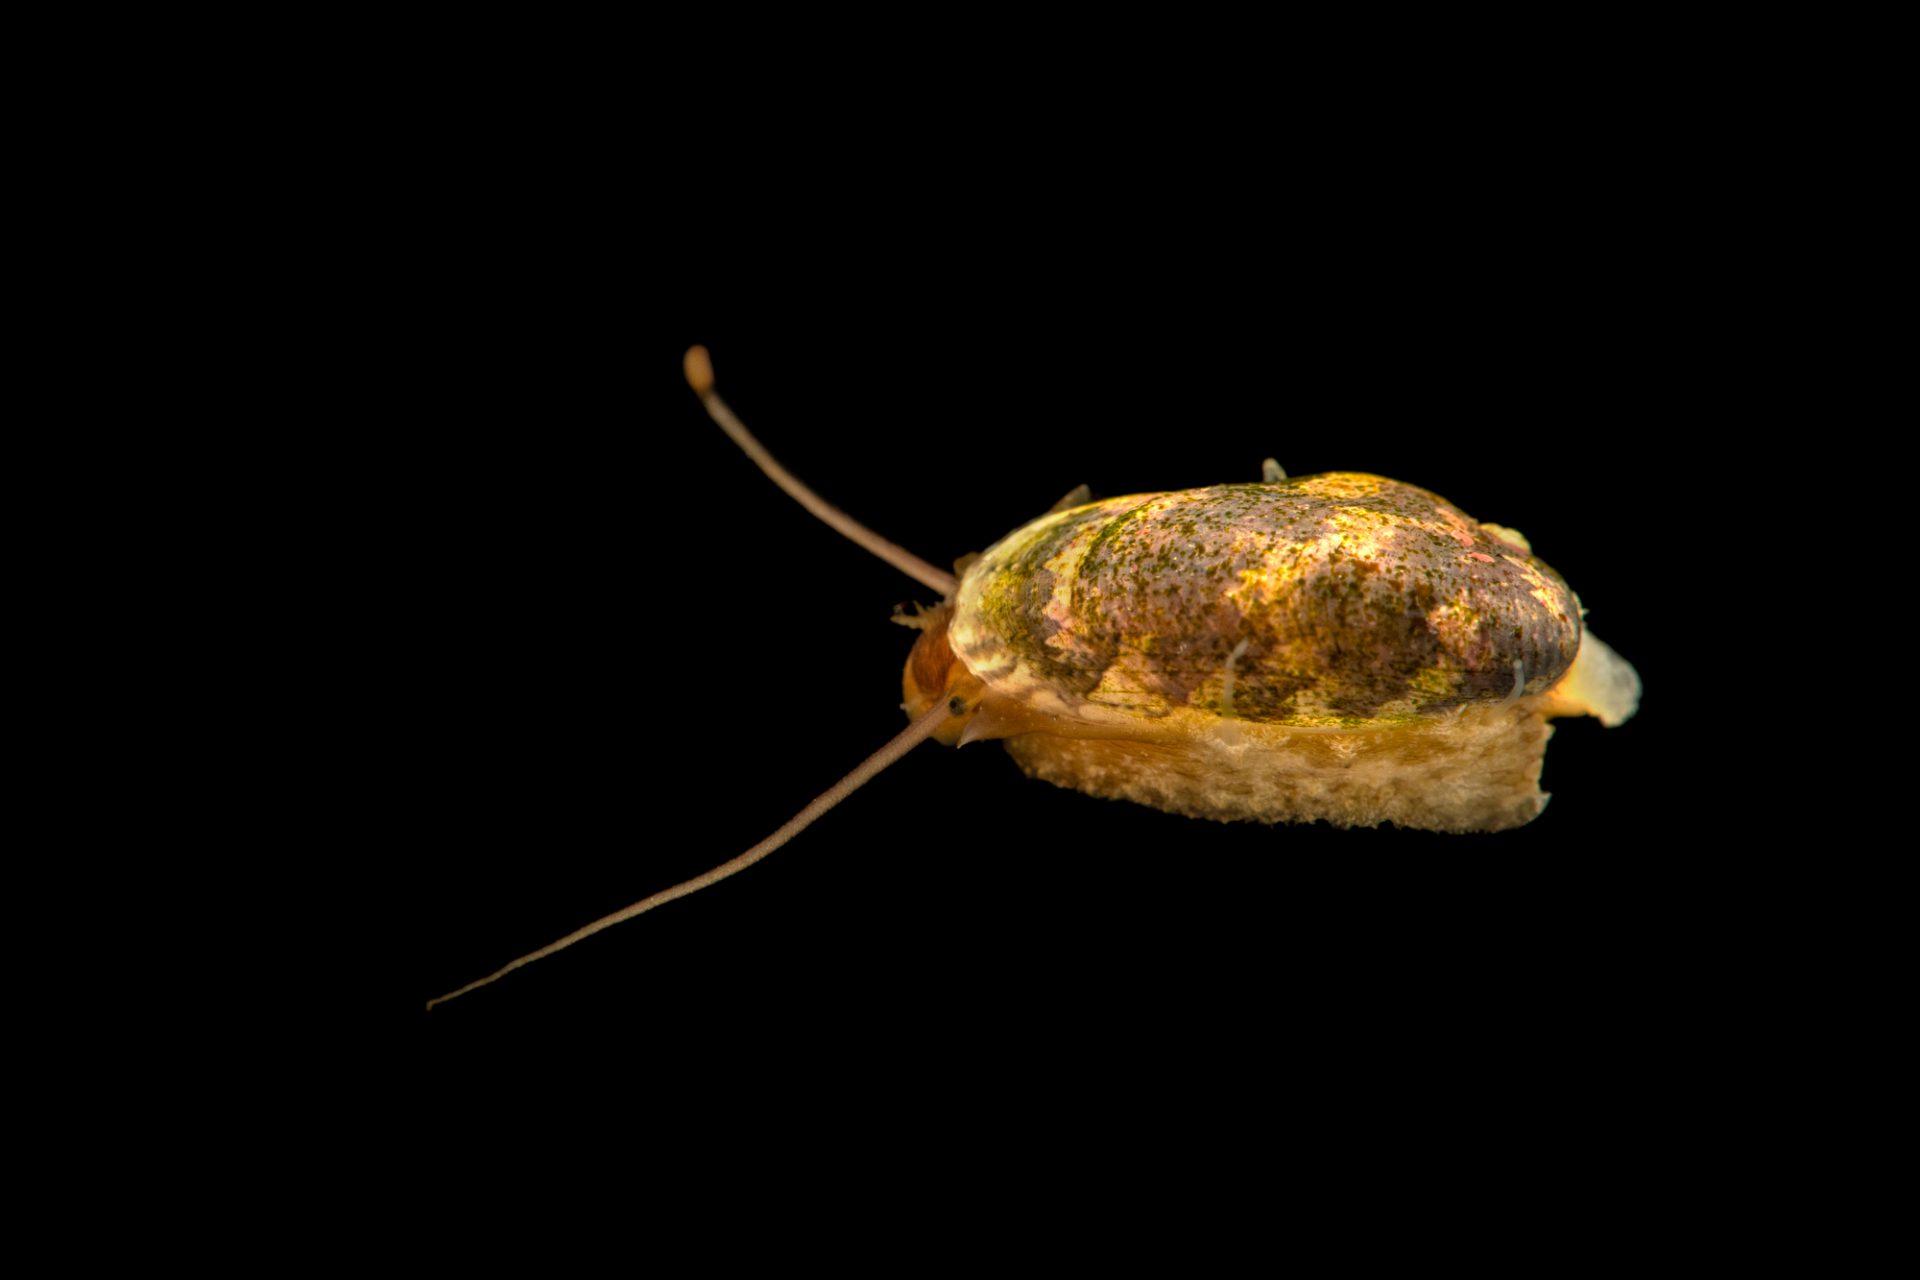 Photo: Sea snail (Stomatella sp.) at Butterfly Pavilion.